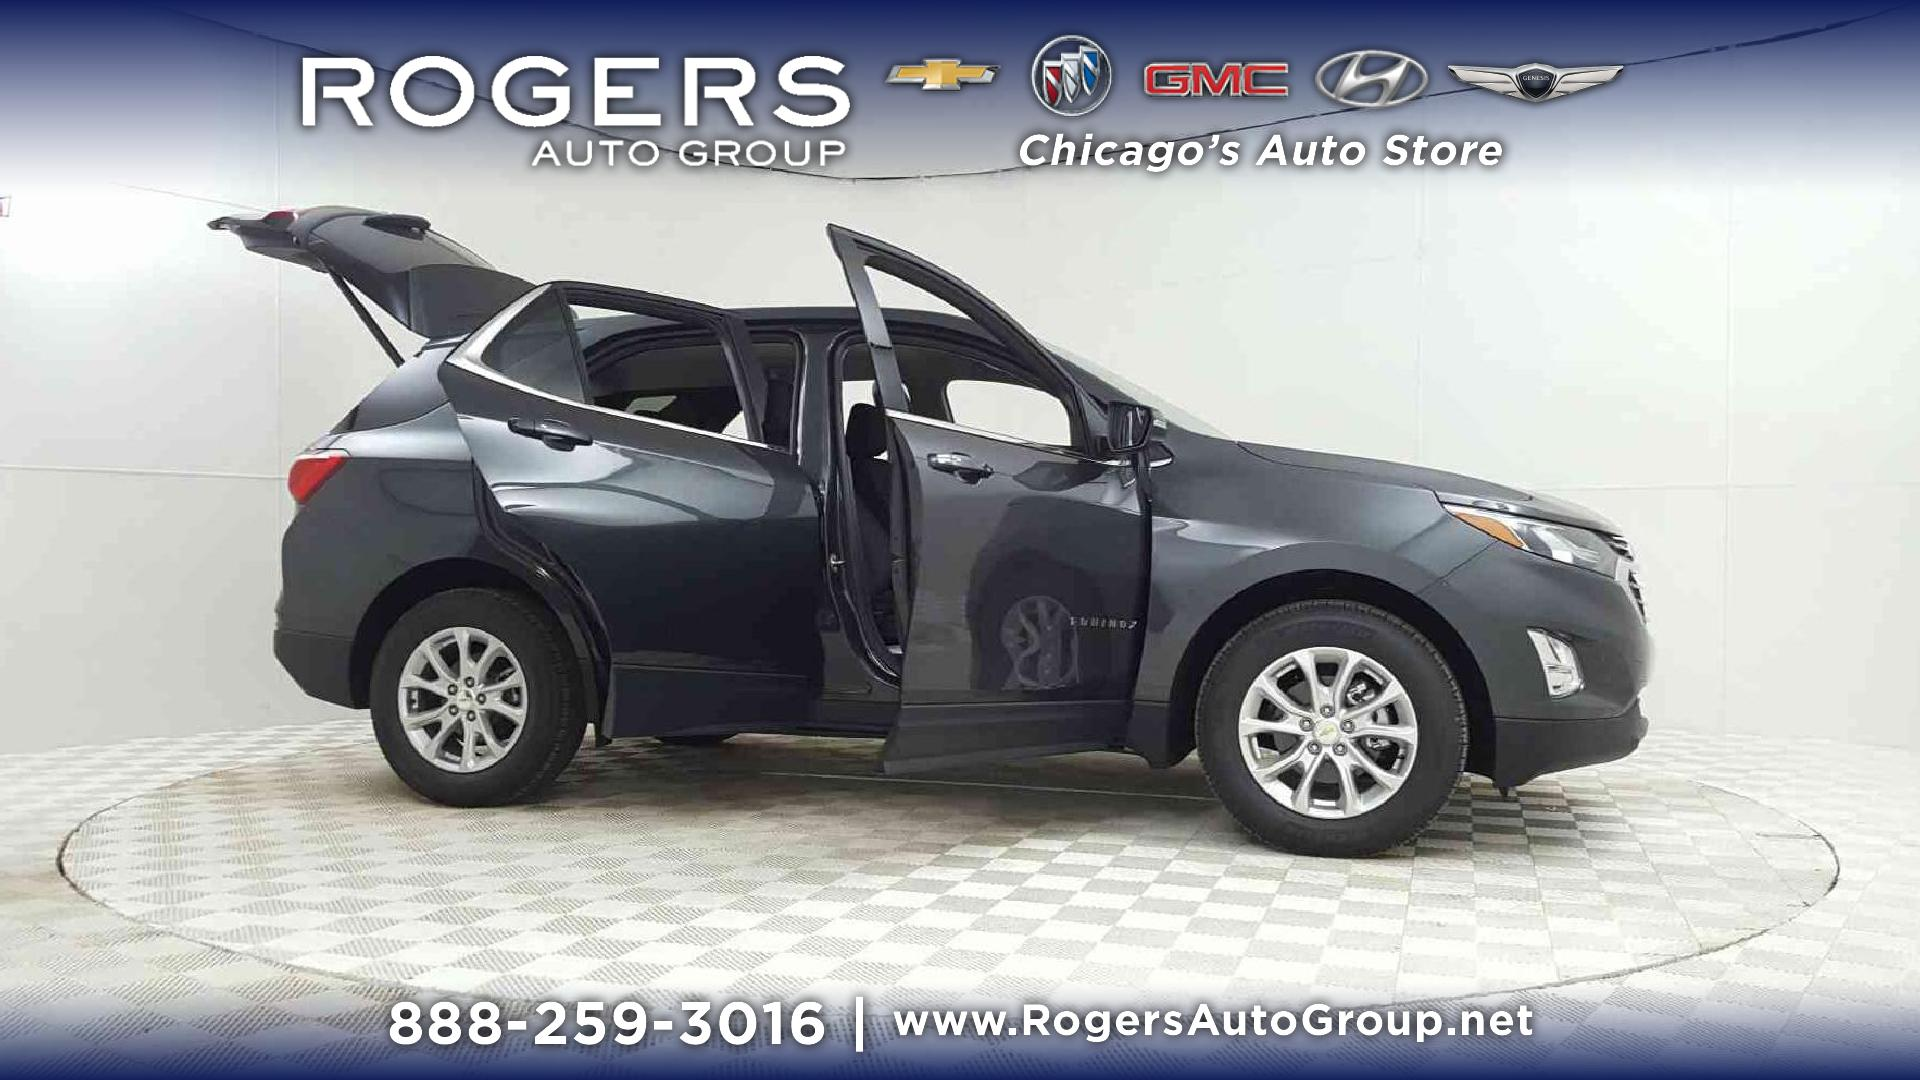 Rogers Auto Sales